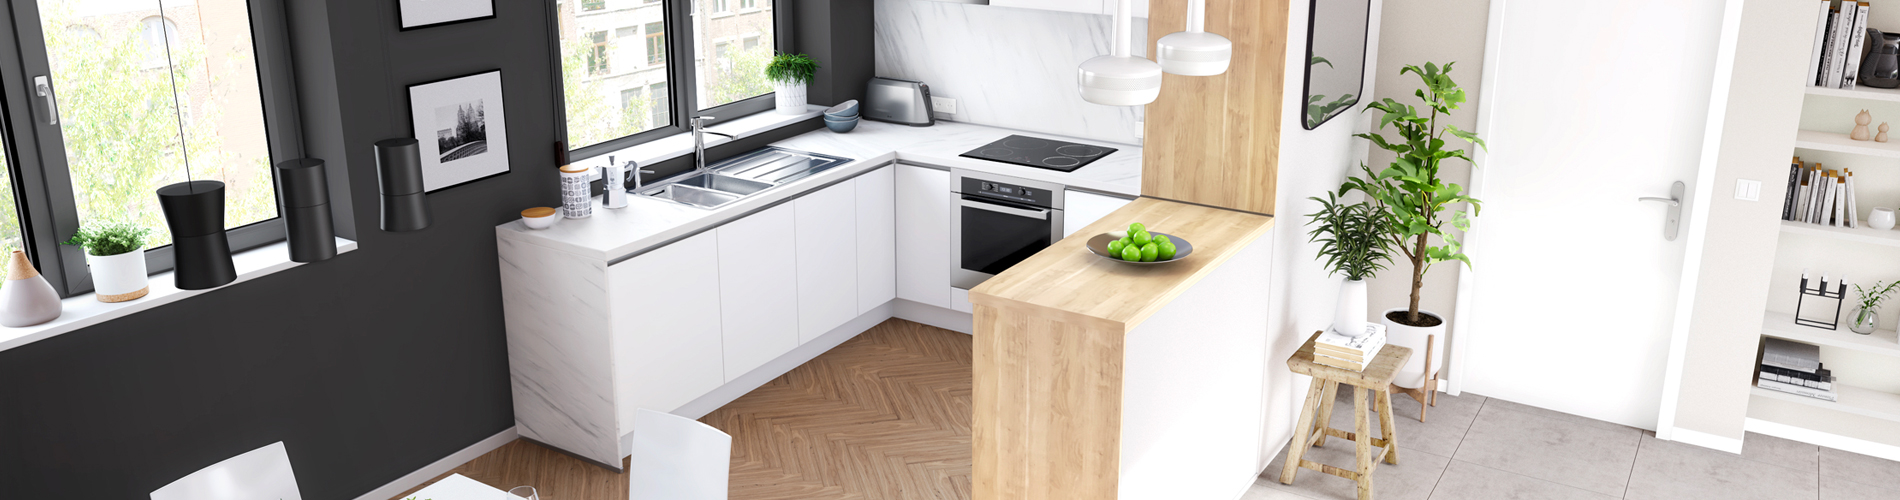 Cuisine Équipée Dans Petit Espace petites cuisines | Èggo | cuisine pour petits espaces